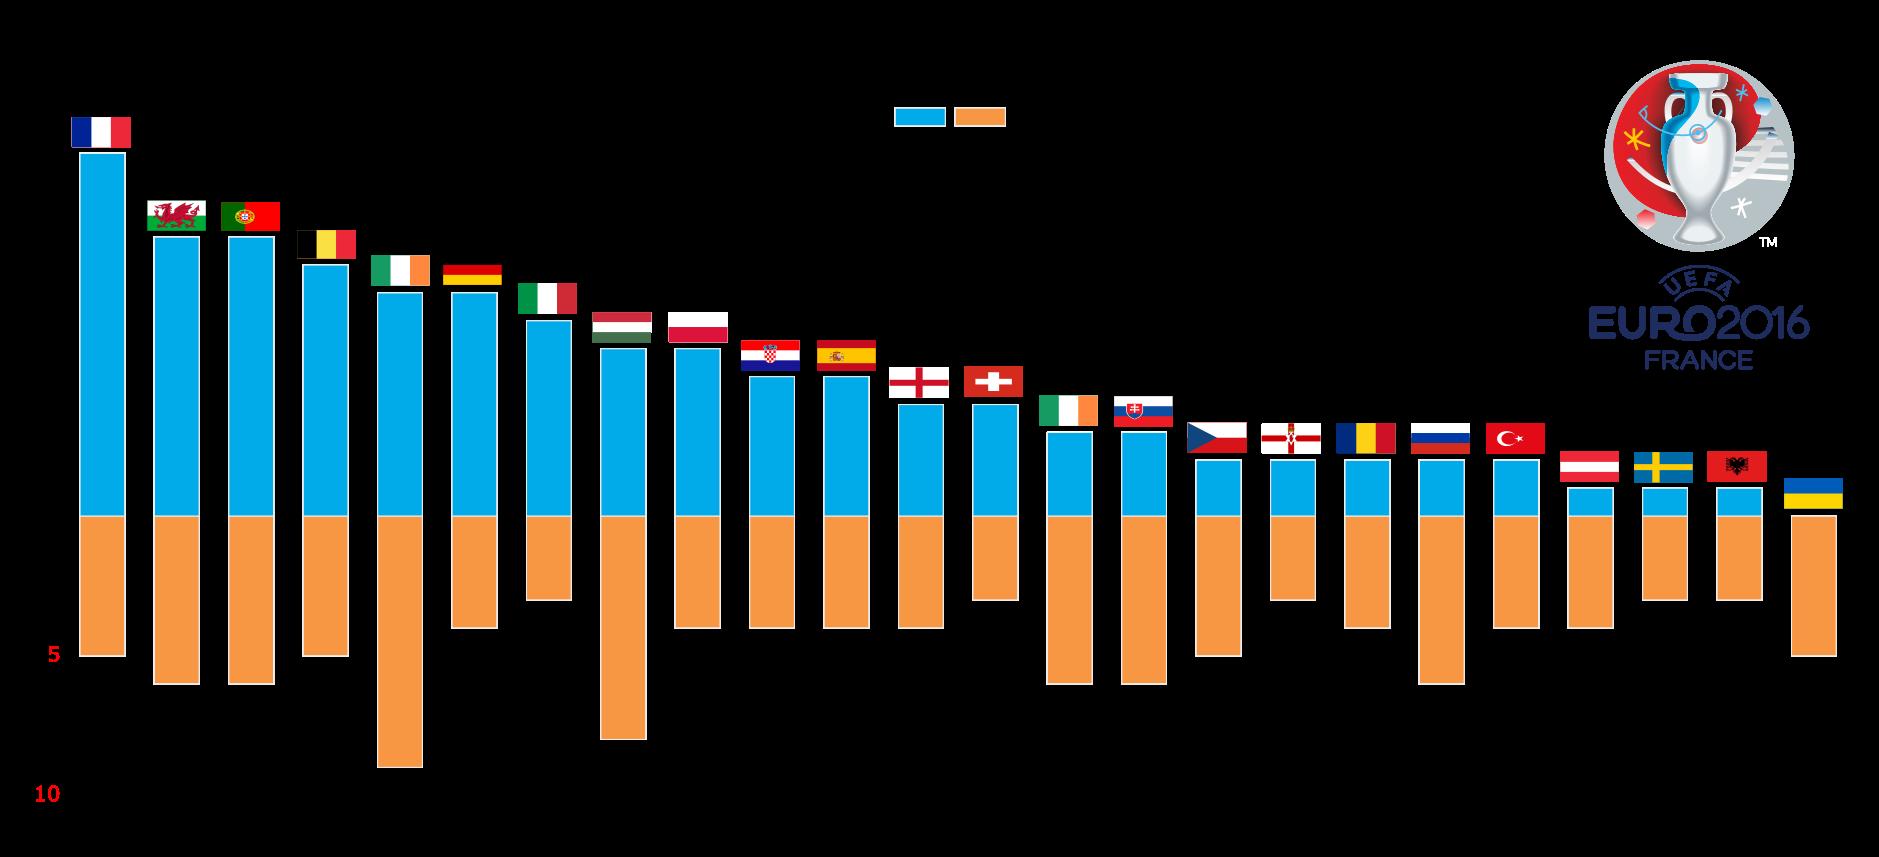 Визуализация статистики ЕВРО-2016 с помощью Python и Inkscape - 5